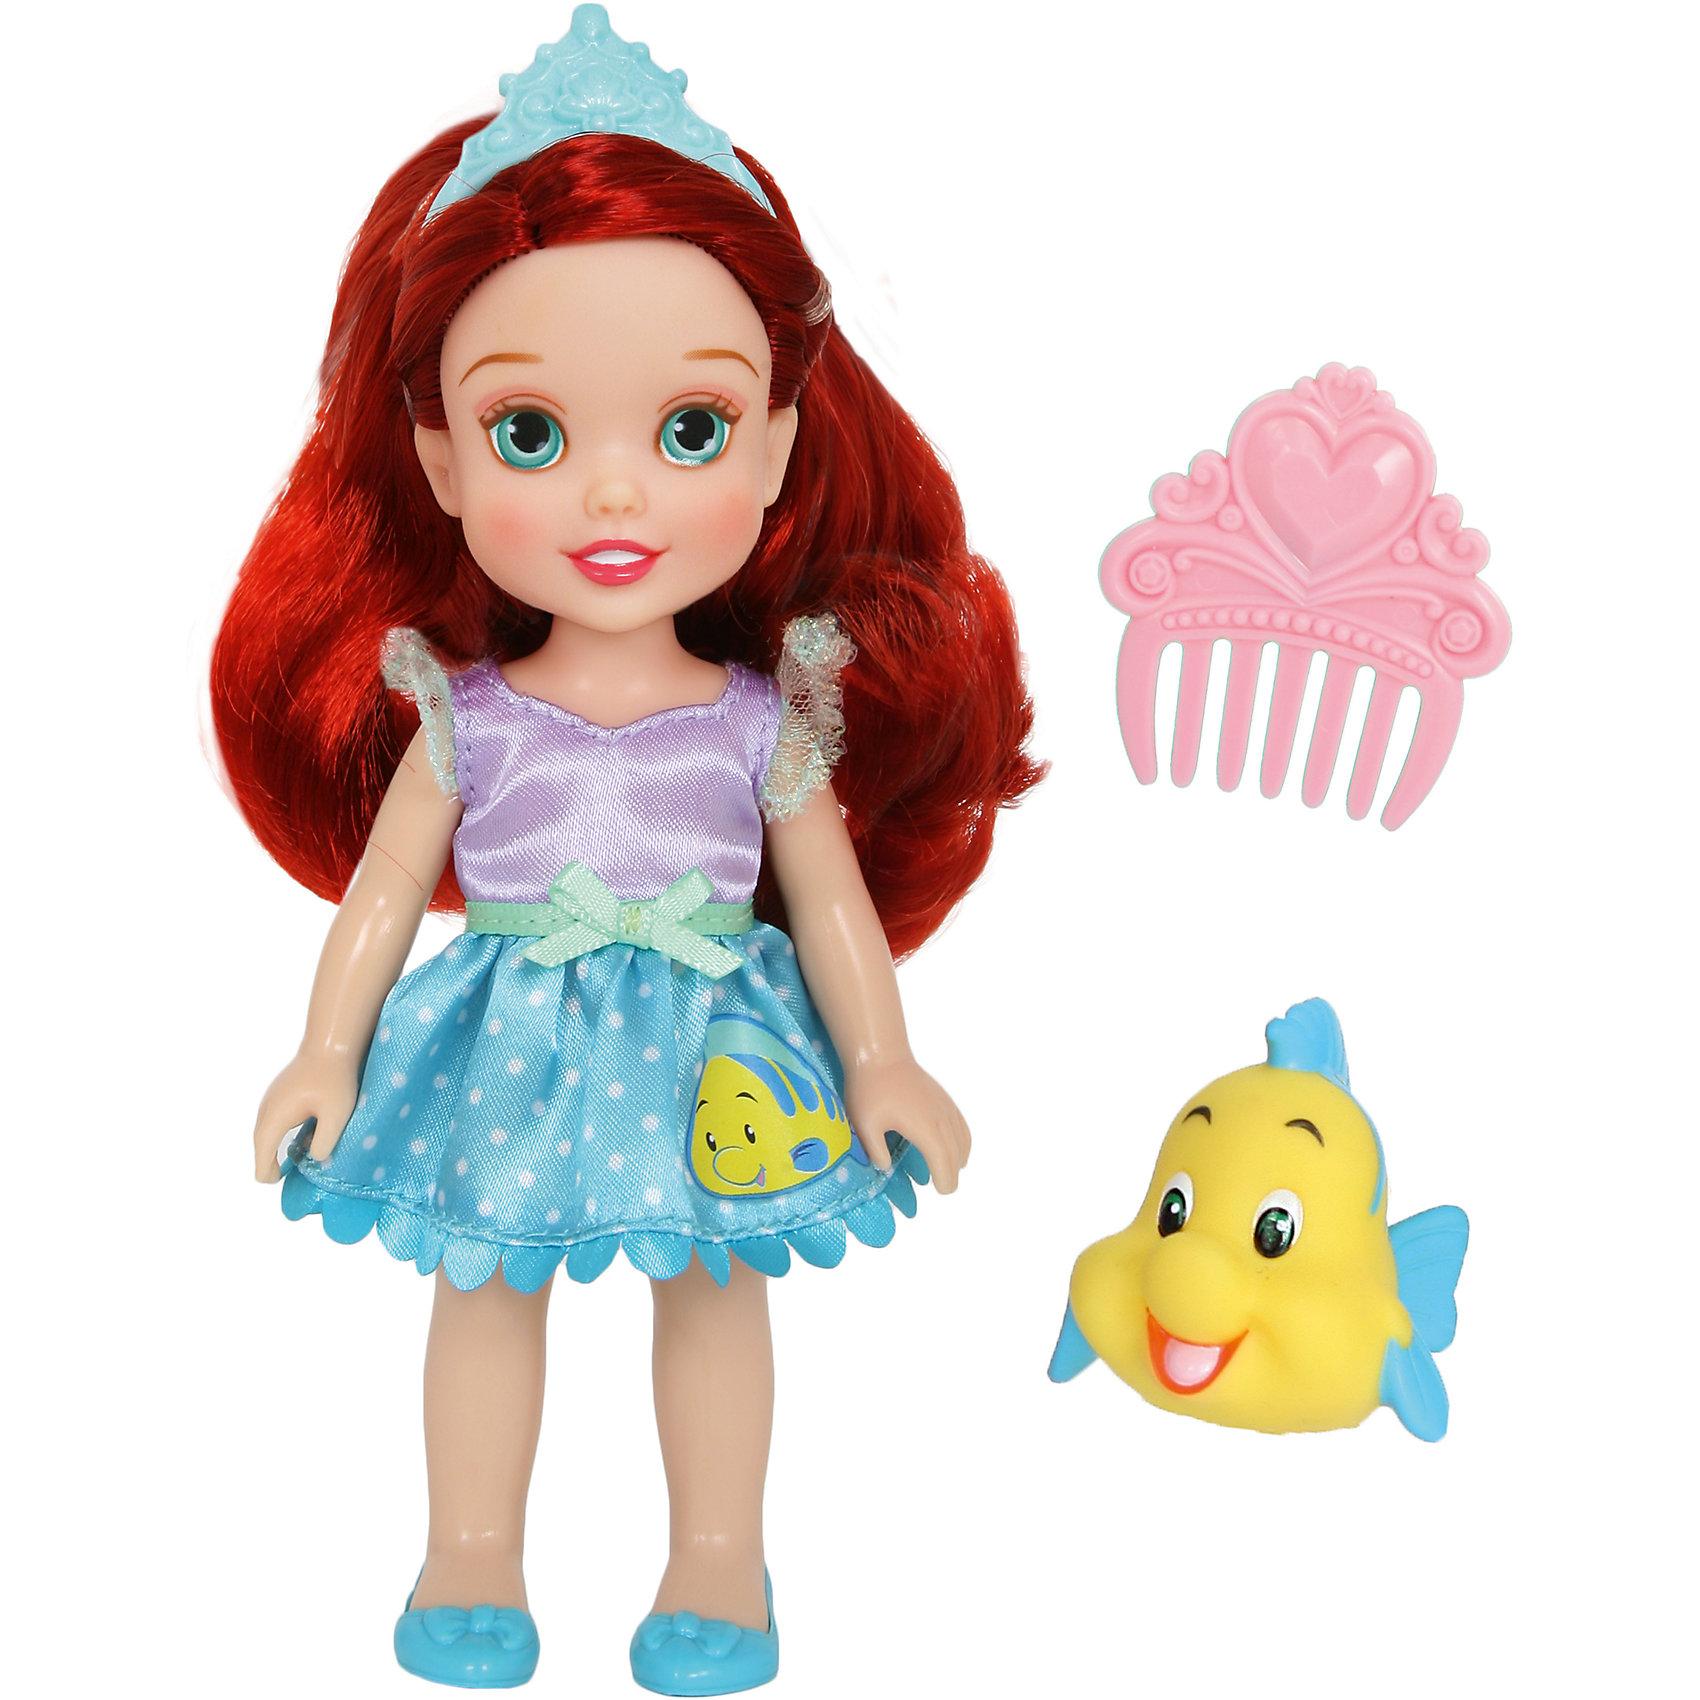 Кукла  Малышка с питомцем: Ариэль, 15 см, Disney PrincessИгрушки<br>Кукла  Малышка с питомцем: Ариэль, 15 см, Disney Princess – эта маленькая принцесса станет отличным подарком для девочки!<br>Кукла Disney Малышка с питомцем: Ариэль непременно приведет в восторг вашу дочурку и обязательно станет ее любимой игрушкой. Кукла одета в платье с сиреневым лифом и голубой юбочкой в горошек с аппликацией в виде Флаундера. На голове Ариэль тиара. Волосы мягкие на ощупь, их можно заплетать и укладывать в различные прически. Глазки куклы выполнены по особой запатентованной технологии - линзы делают их яркими и живыми. Милую очаровательную малышку с выразительным личиком сопровождает ее любимый питомец, готовый встать на защиту в сложной ситуации. Благодаря играм с куклой, ваша девочка сможет развить фантазию и любознательность, овладеть навыками общения и научиться ответственности.<br><br>Дополнительная информация:<br><br>- В комплекте: кукла, питомец, гребешок<br>- Высота куклы: 15 см.<br>- Материал: пластик, текстиль<br><br>Куклу  Малышка с питомцем: Ариэль, 15 см, Disney Princess можно купить в нашем интернет-магазине.<br><br>Ширина мм: 140<br>Глубина мм: 195<br>Высота мм: 60<br>Вес г: 201<br>Возраст от месяцев: 36<br>Возраст до месяцев: 84<br>Пол: Женский<br>Возраст: Детский<br>SKU: 4401533